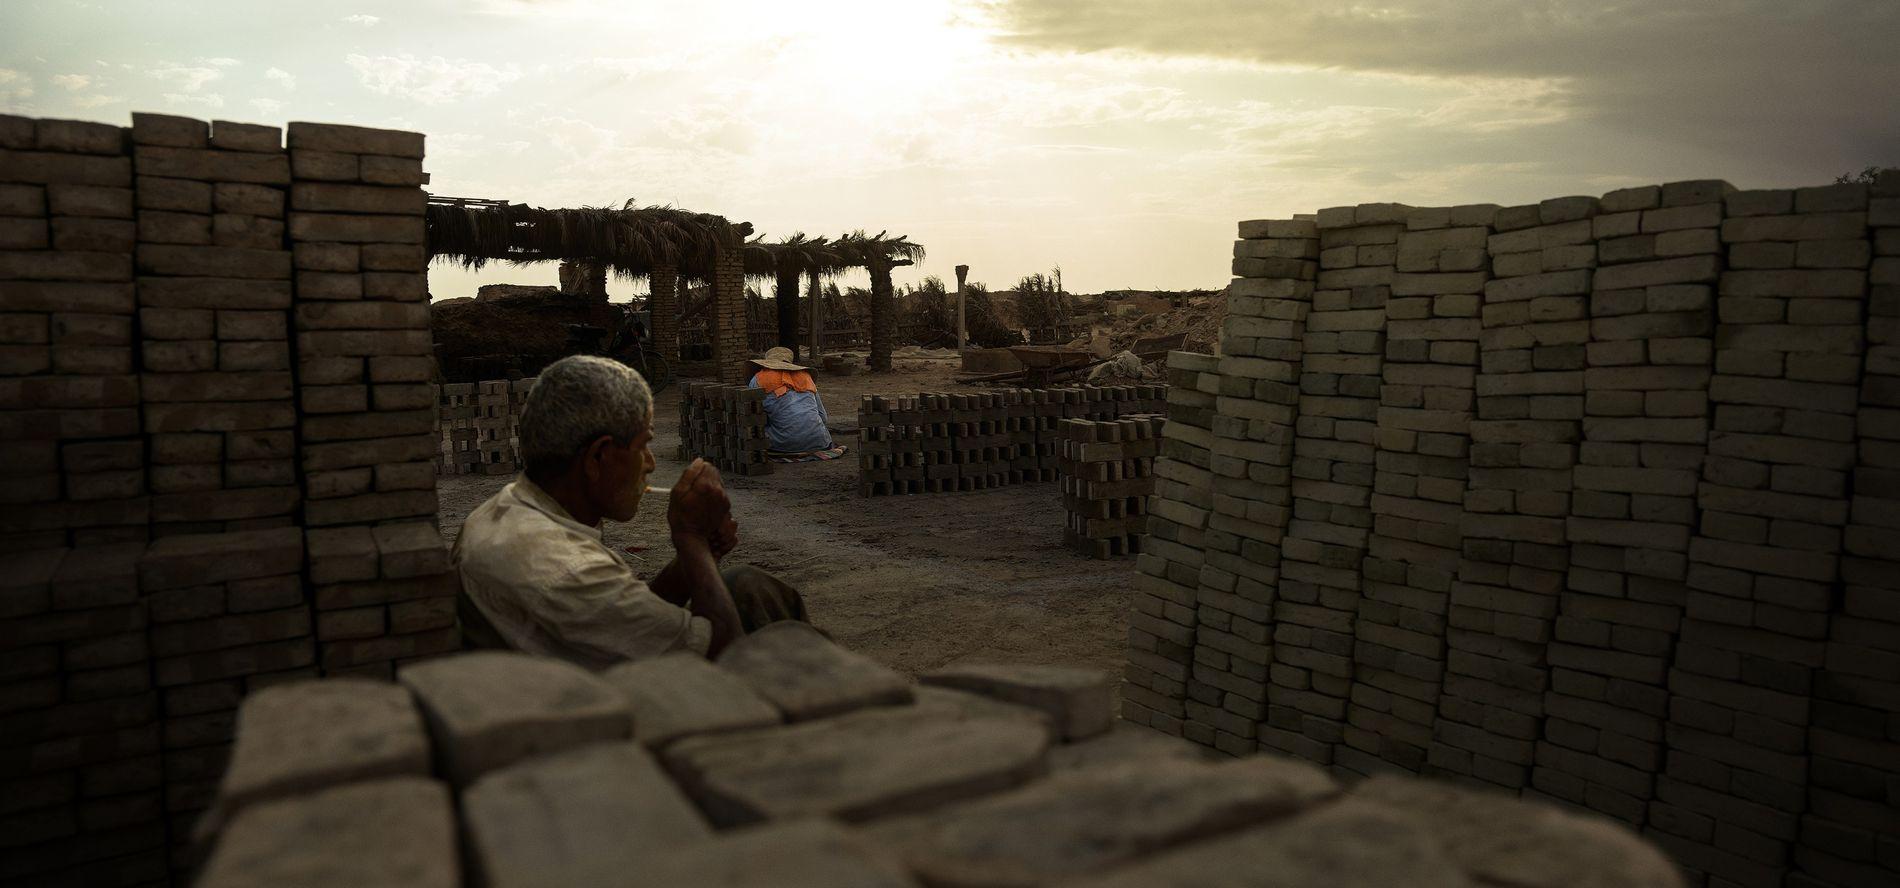 Briquetterie artisanale de Tozeur, Tunisie, 2018 - Qui de l'homme ou de la brique façonne l'autre ...